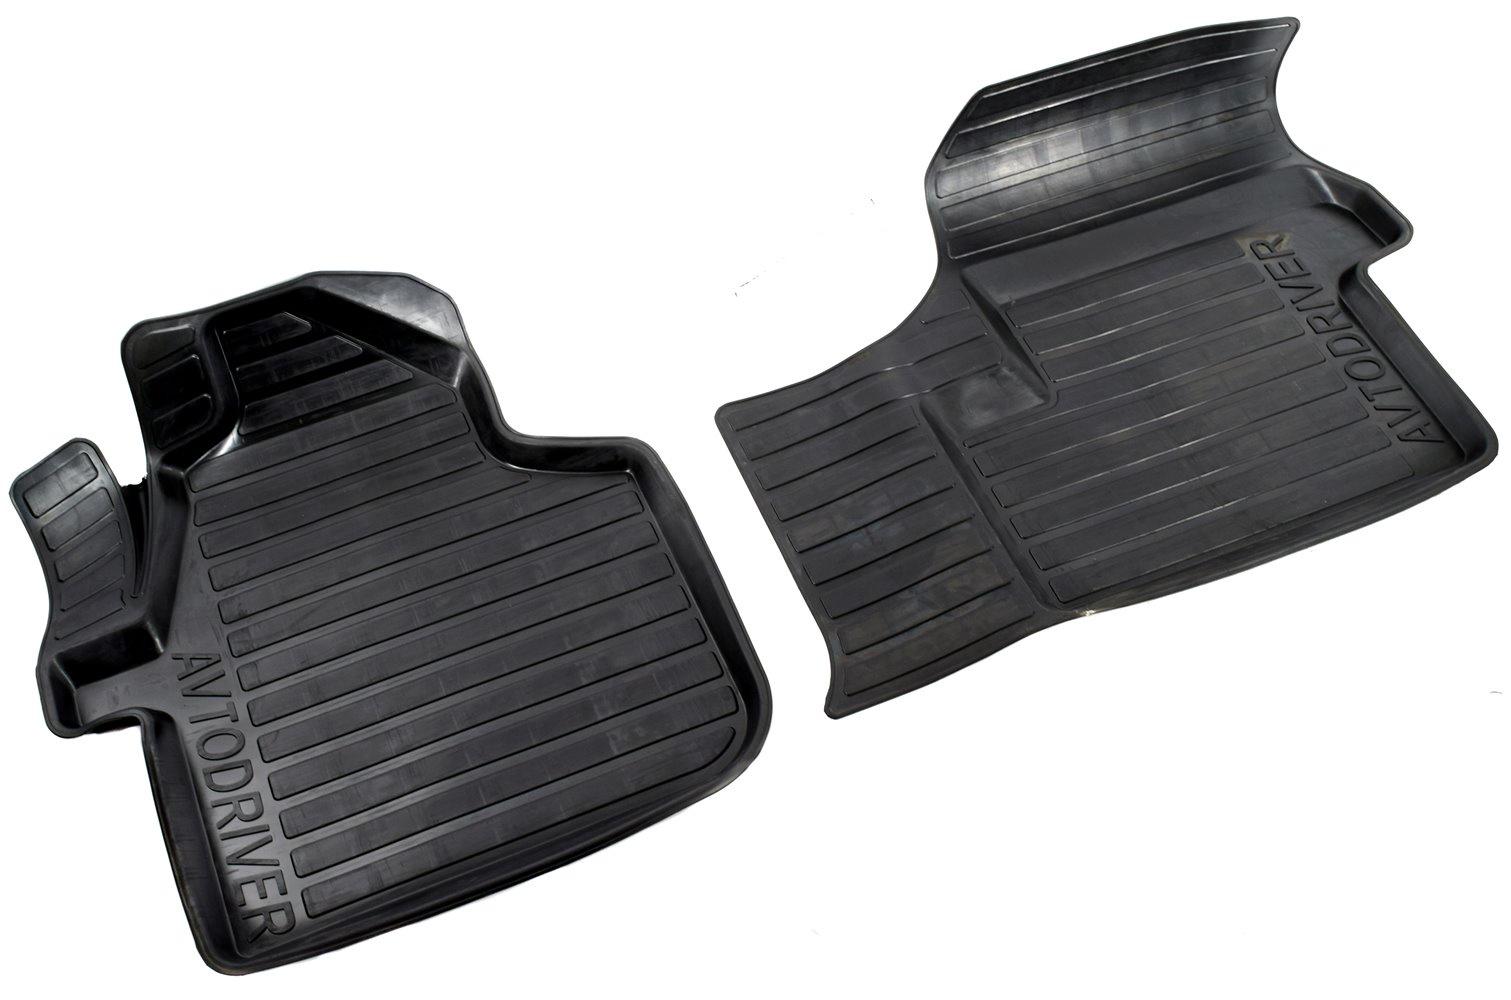 Коврики в салон автомобиля Avtodriver, для Volkswagen Crafter, 2006-2011, 2 передних, ADRAVG117, резиновые, с бортиком, черный